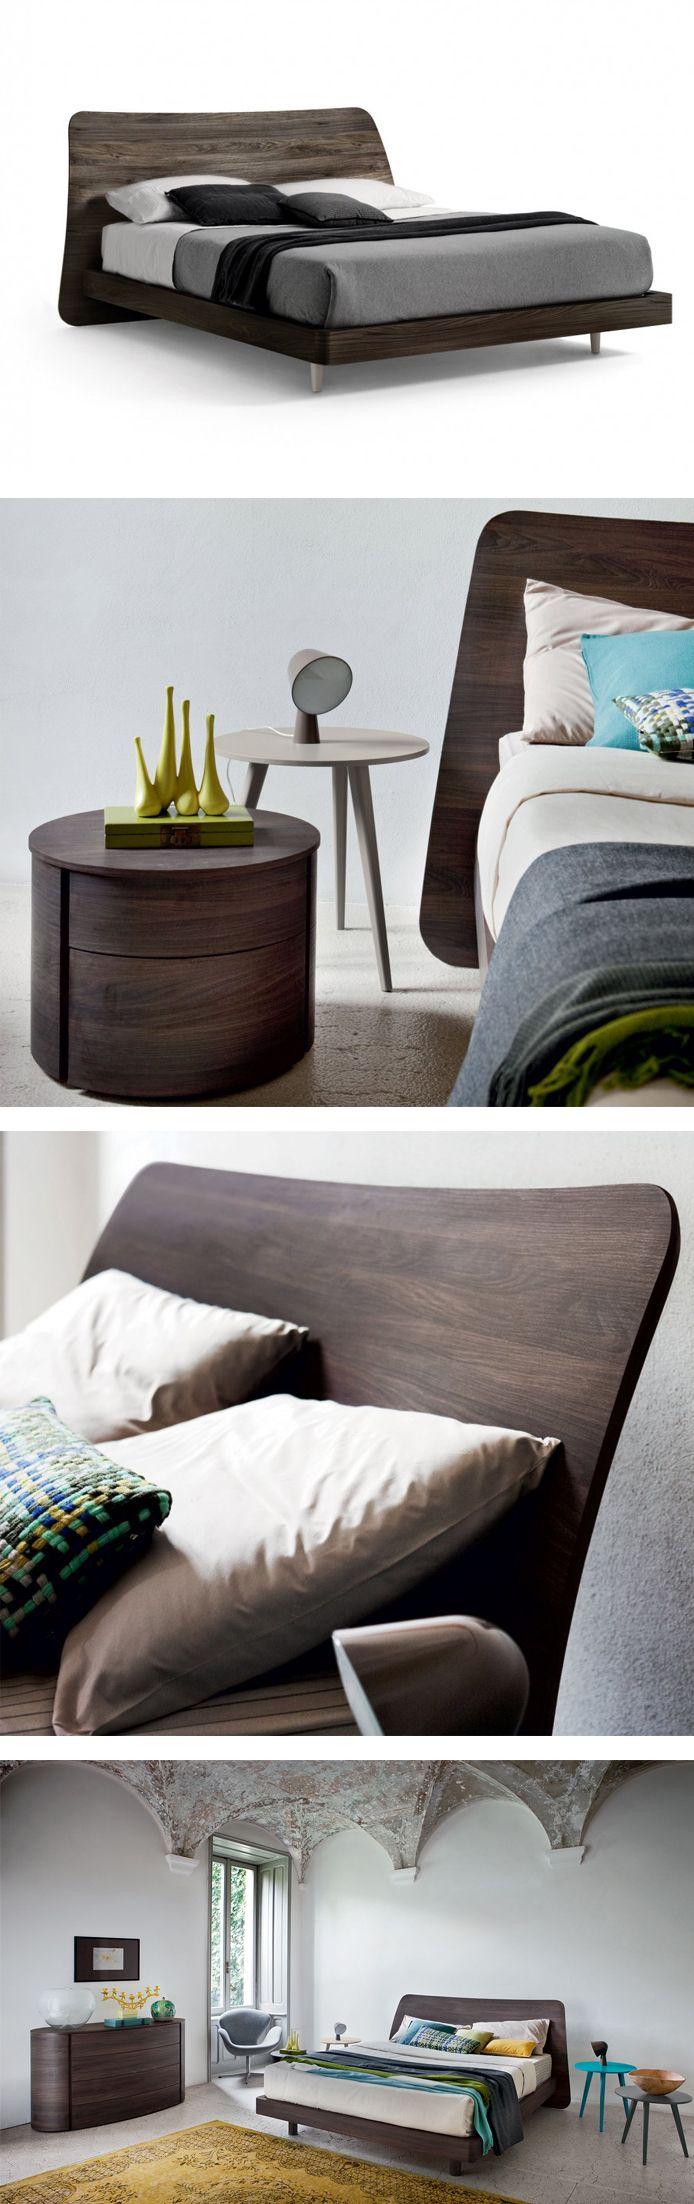 Das Design Holzbett Sheet Von Novamobili Hat Ein Modern Geschwungenes  Kopfteil. #Schlafzimmer #bedroom